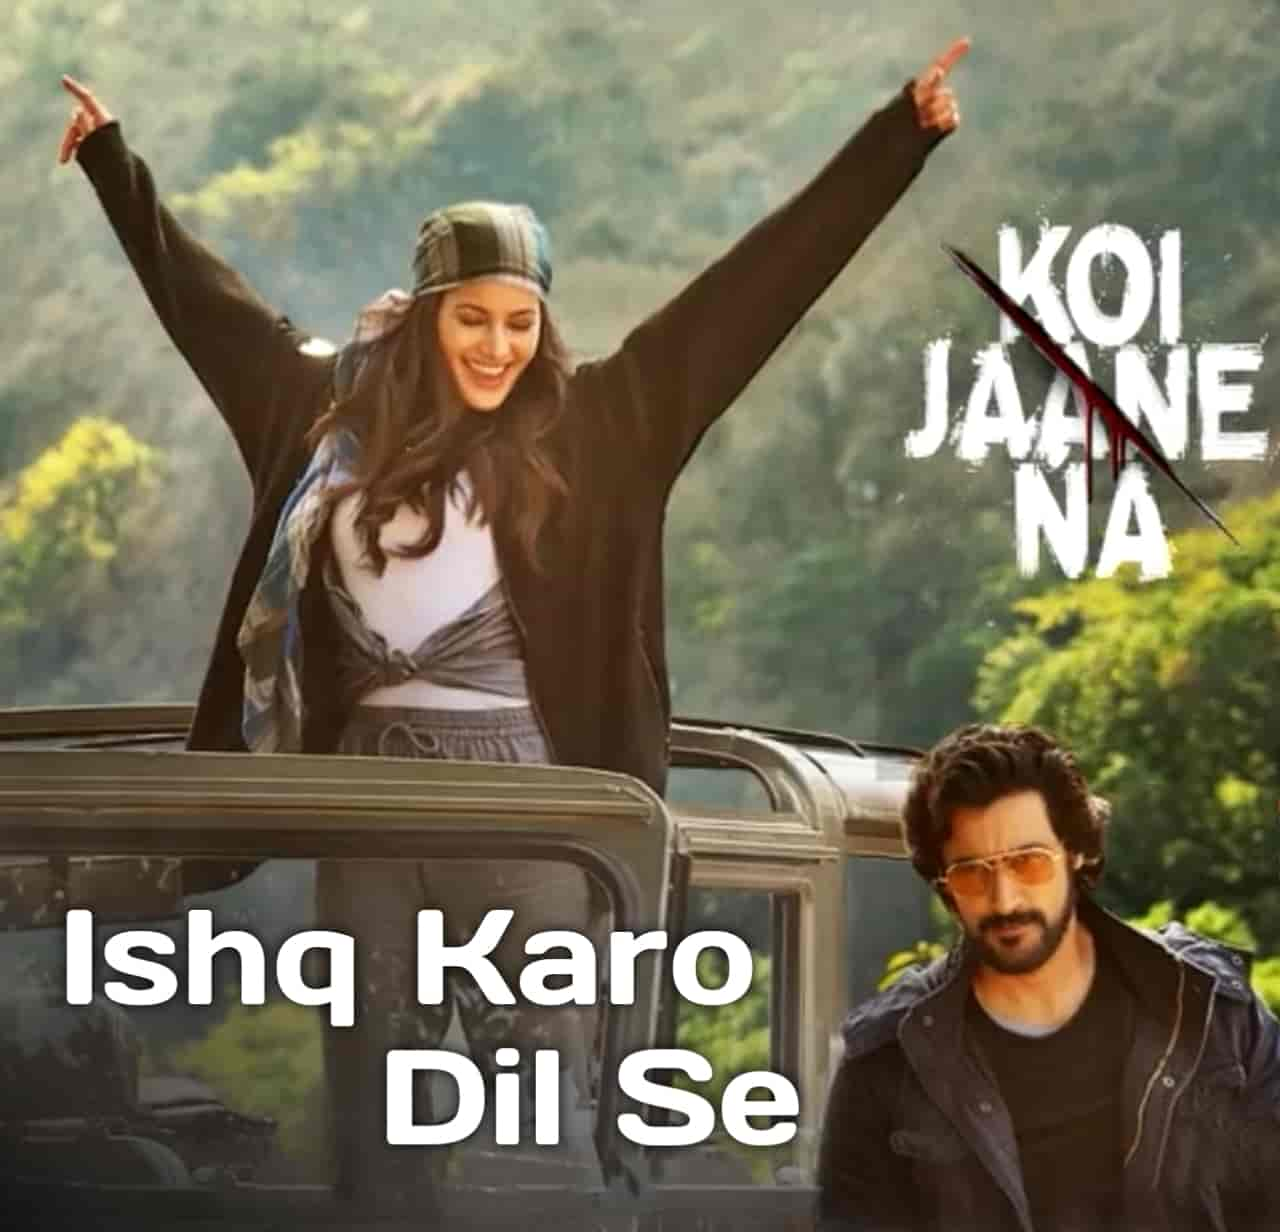 Ishq Karo Dil Se Song Lyrics Koi Jaane Na